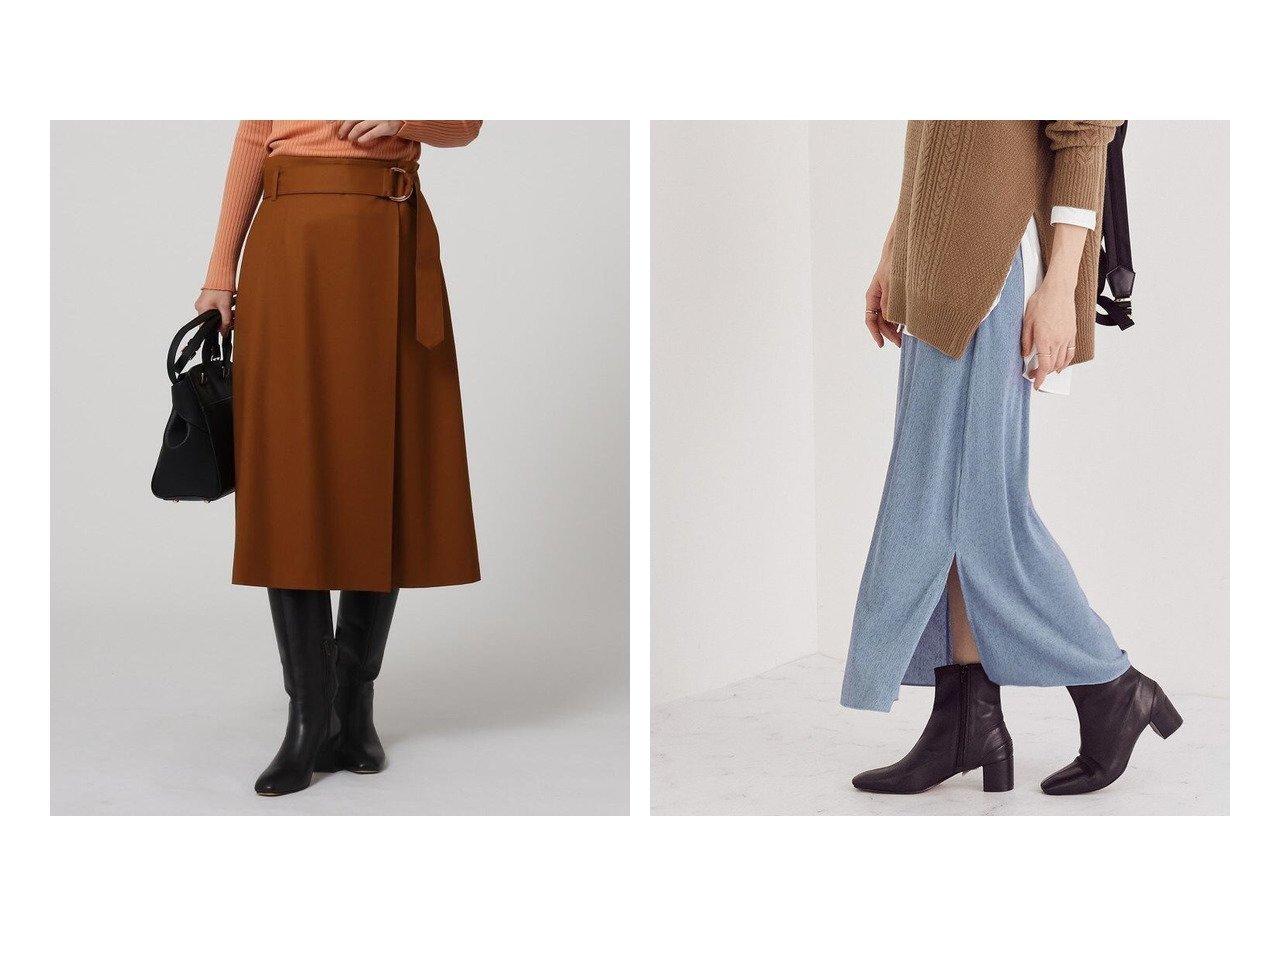 【ROPE/ロペ】のジャージーミニプリーツナロースカート&【UNTITLED/アンタイトル】のファインサキソニーストレッチ ラップ風スカート スカートのおすすめ!人気、レディースファッションの通販 おすすめで人気のファッション通販商品 インテリア・家具・キッズファッション・メンズファッション・レディースファッション・服の通販 founy(ファニー) https://founy.com/ ファッション Fashion レディース WOMEN スカート Skirt Aライン/フレアスカート Flared A-Line Skirts ストレッチ フィット フレア フロント ポケット ラップ カットソー スウェット スリット 秋冬 A/W Autumn/ Winter  ID:crp329100000001481